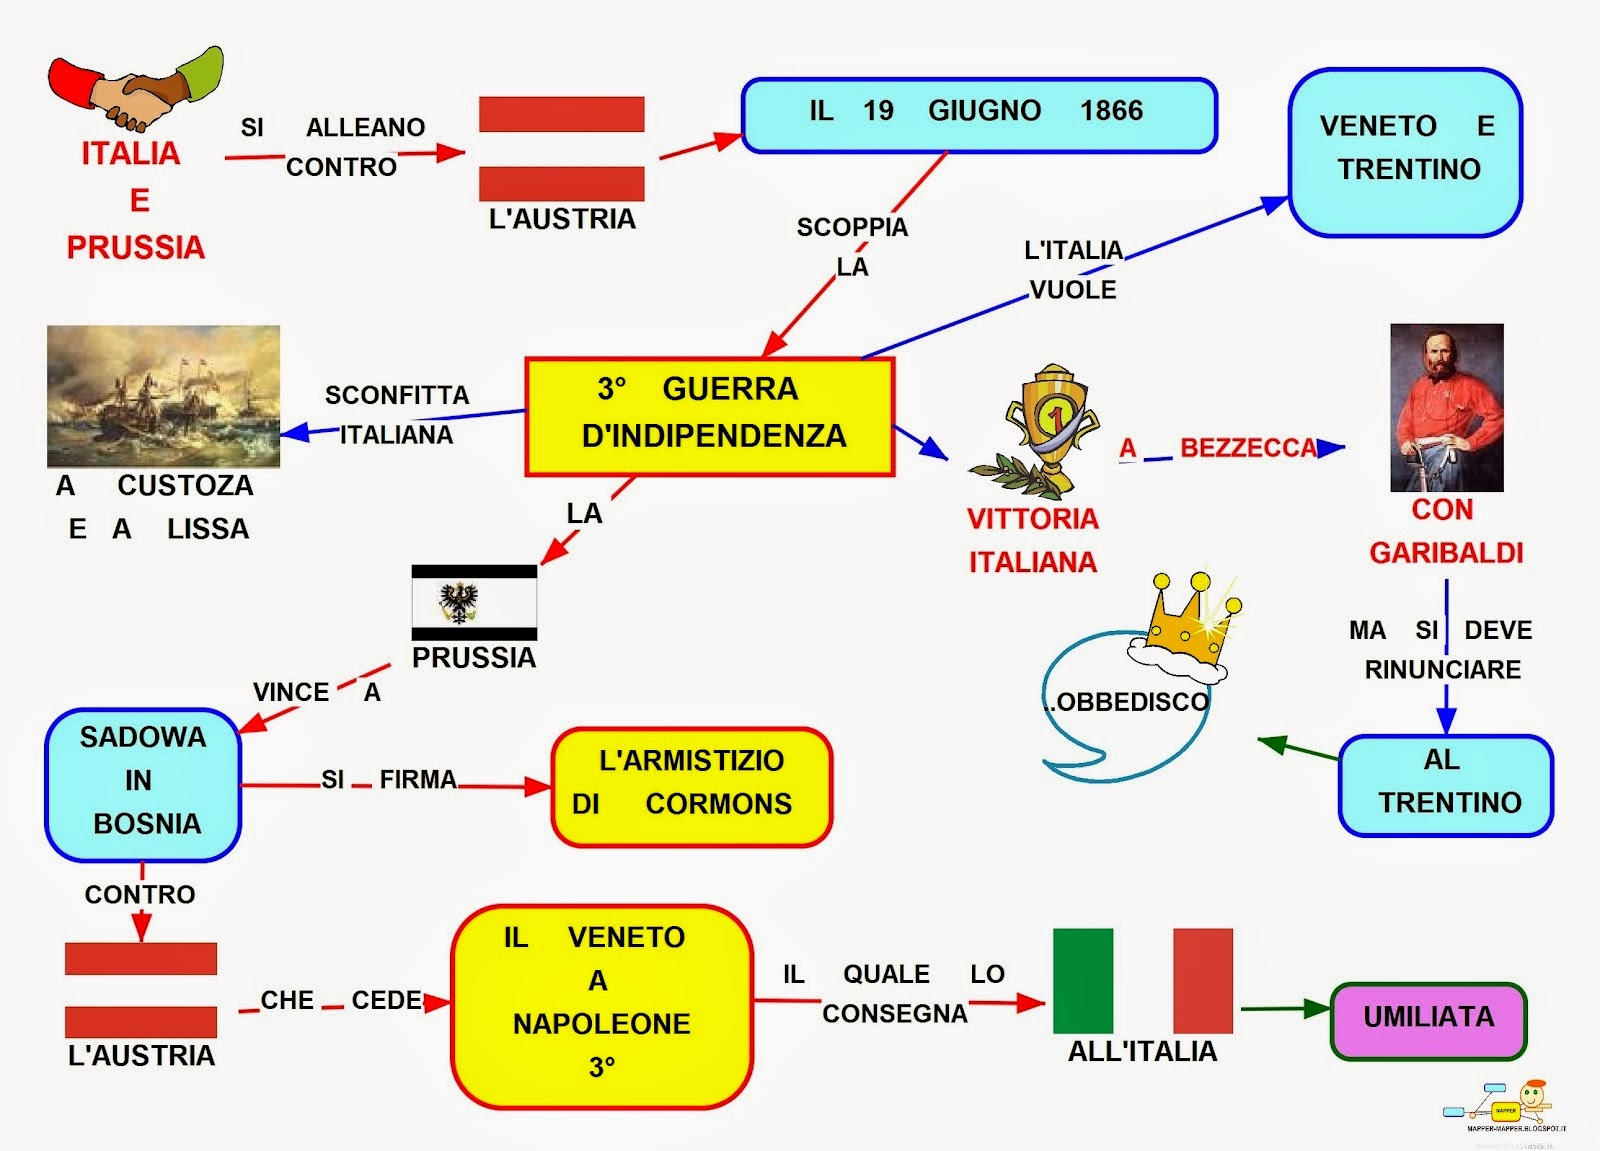 Mappa Concettuale 3 Guerra Dindipendenza Scuolissimacom